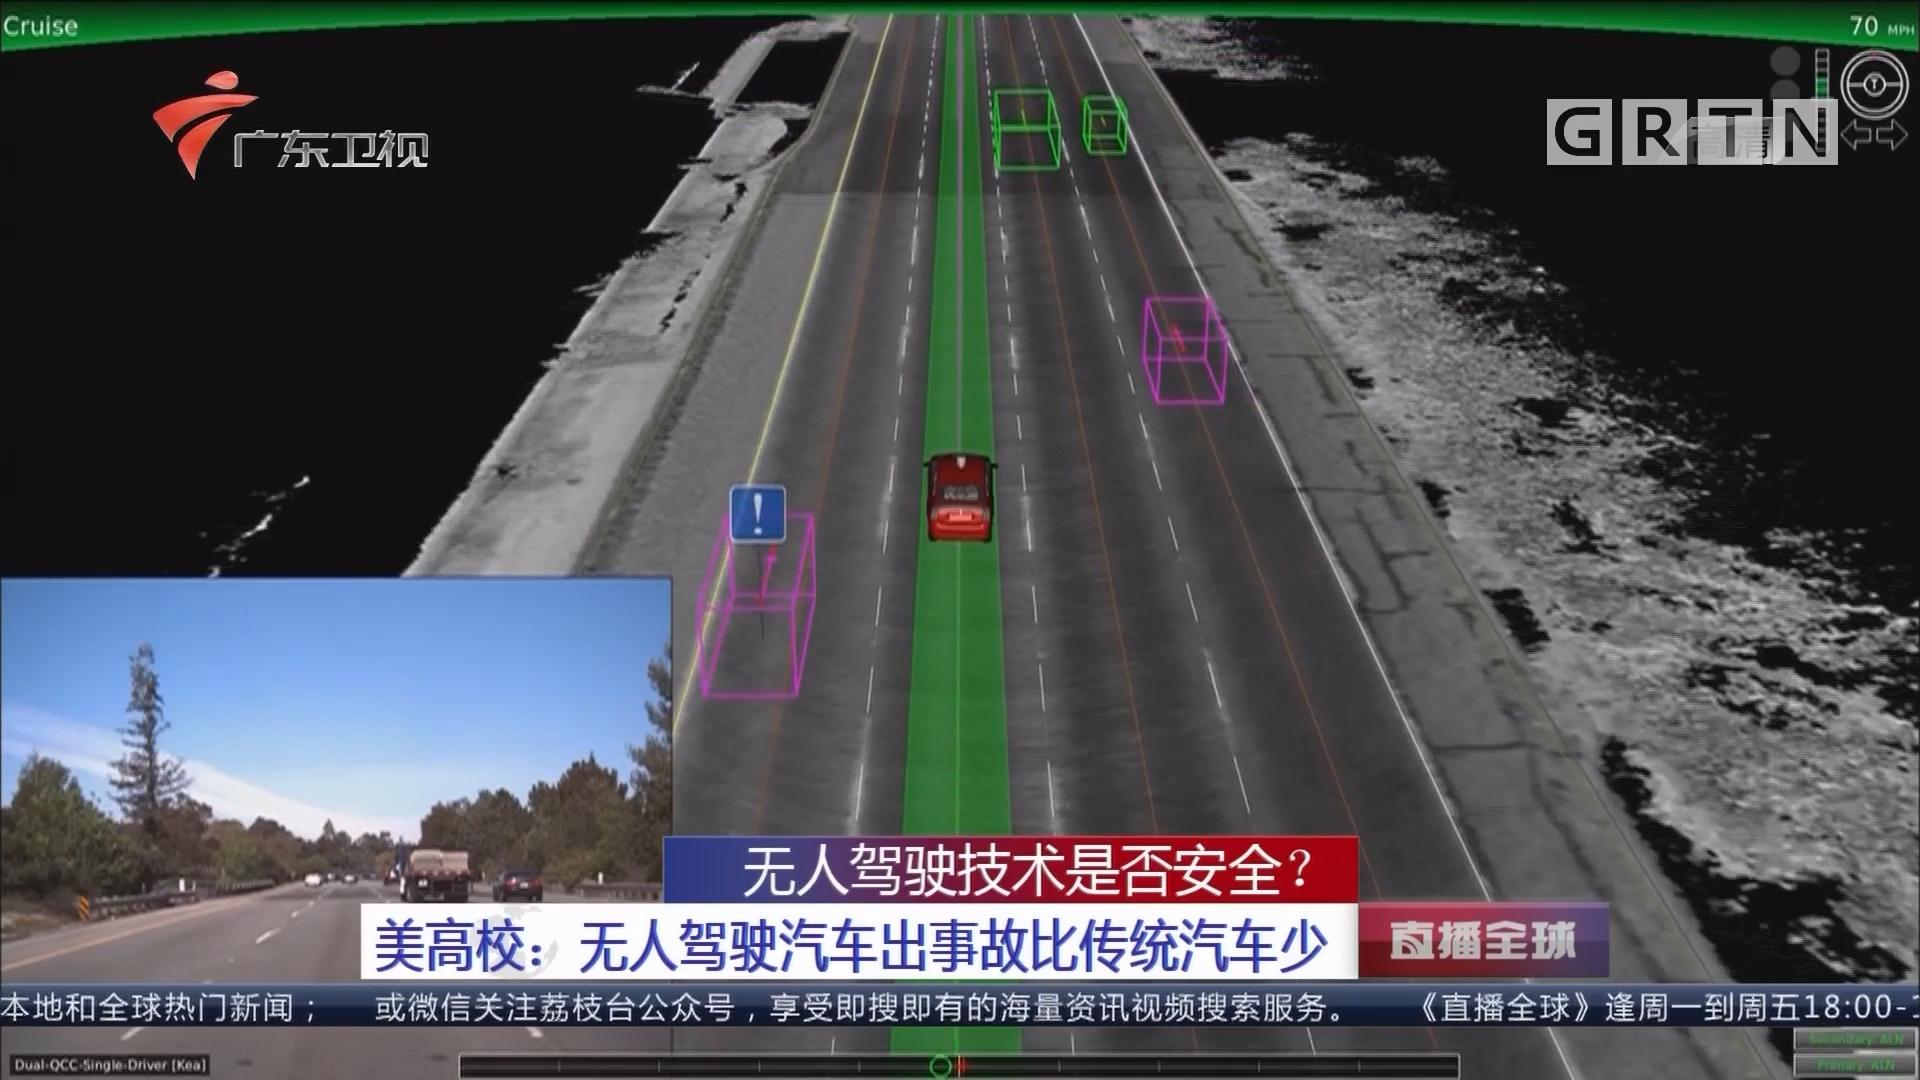 无人驾驶技术是否安全?美高校:无人驾驶汽车出事故比传统汽车少